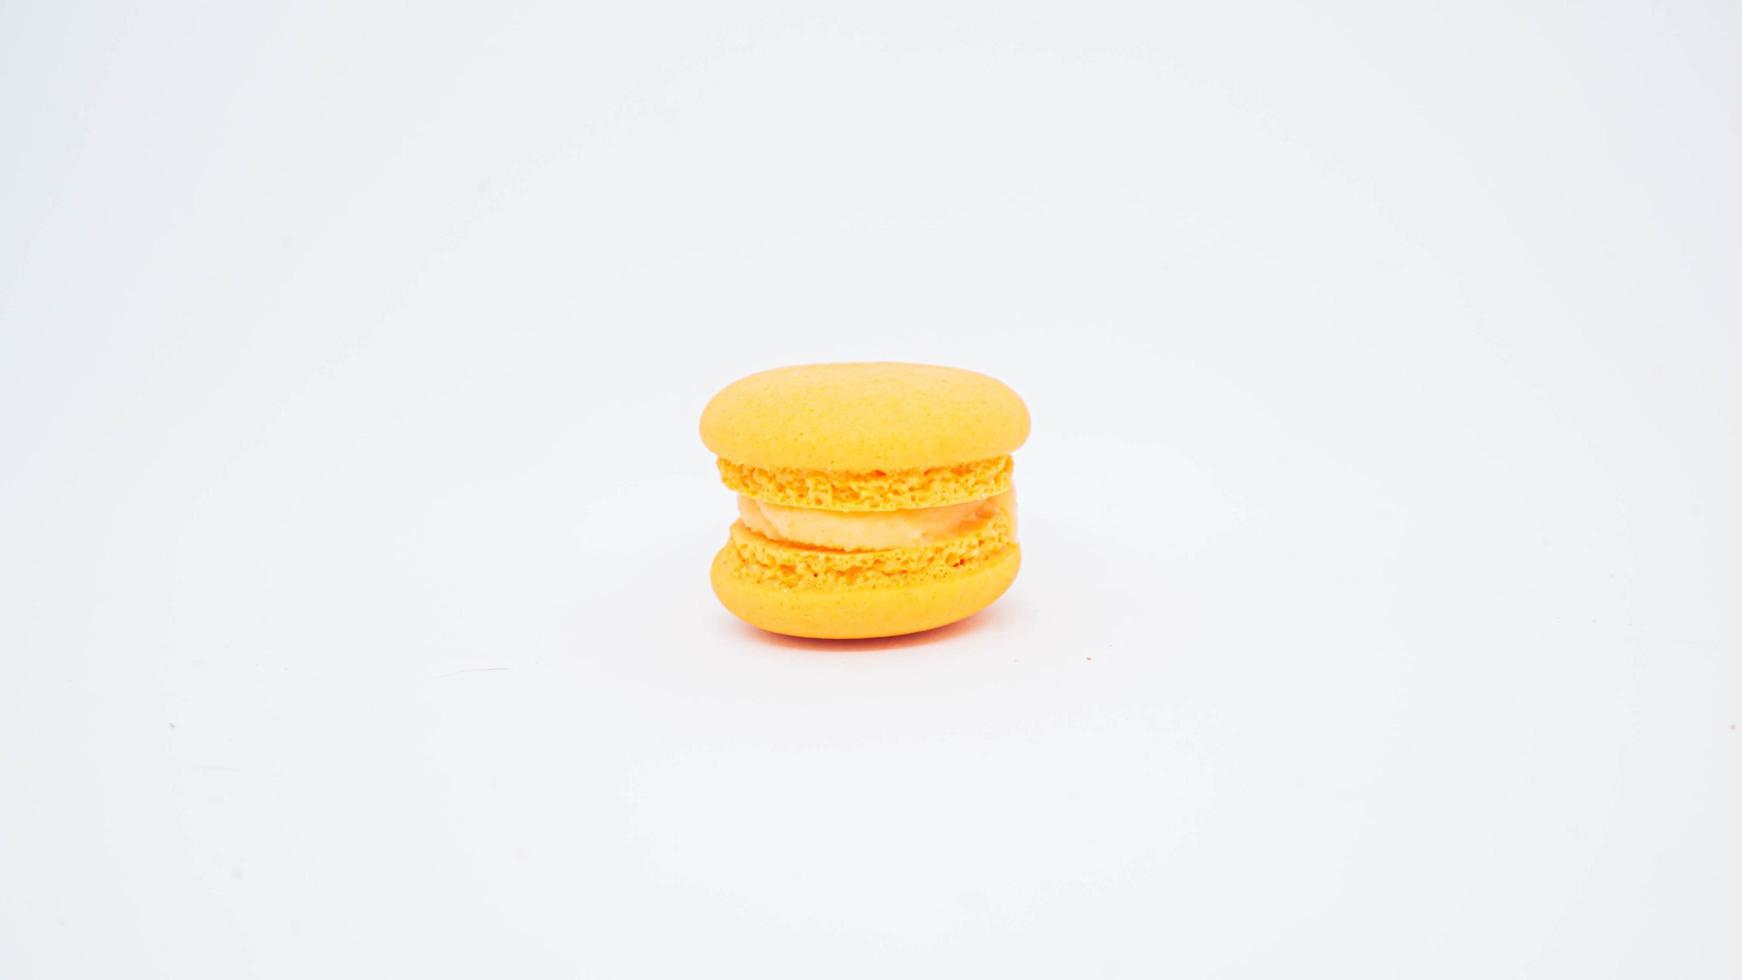 gelber Macaron mit Cremeisolat auf weißem Hintergrund foto